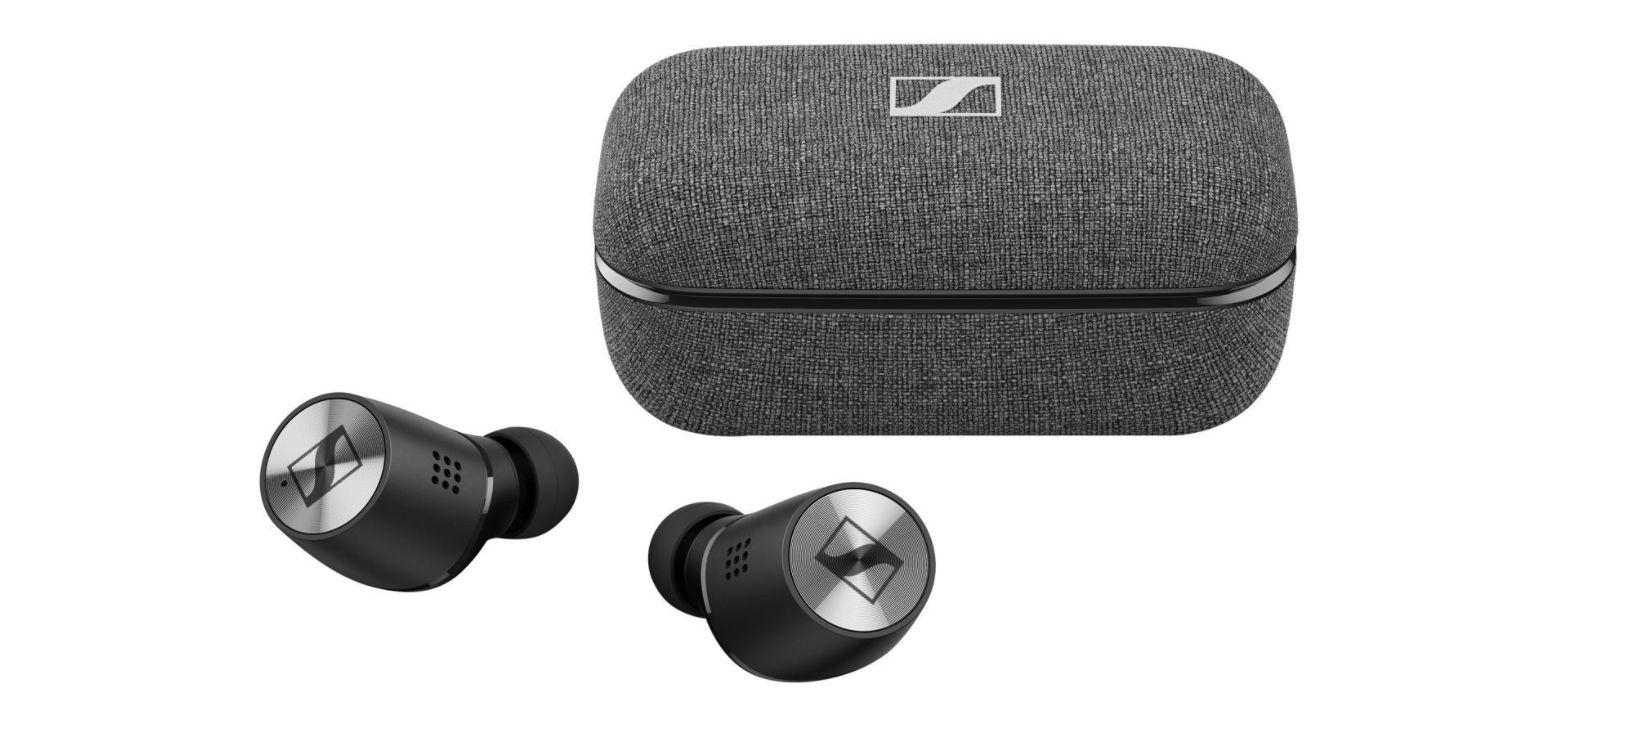 in-ear anc wireless headphones